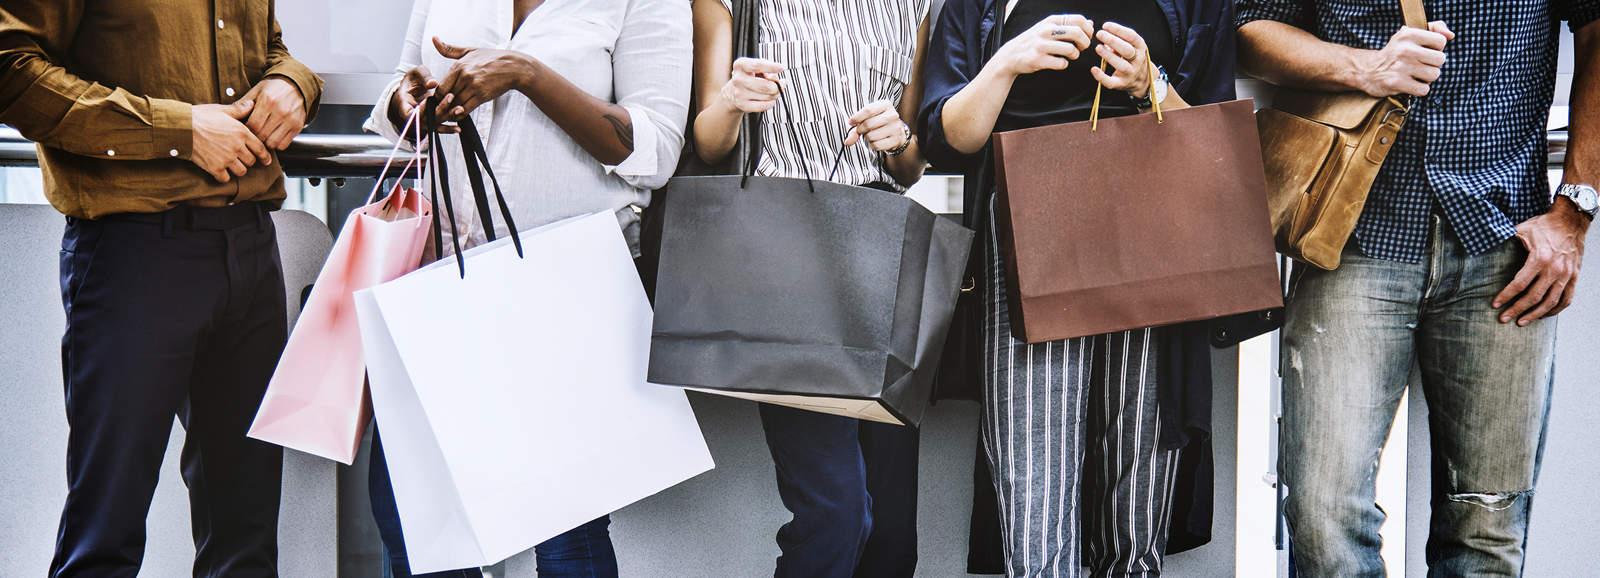 Hướng dẫn mua sắm giá rẻ, hợp lý tại KhongSoDat.Com - BlackGround